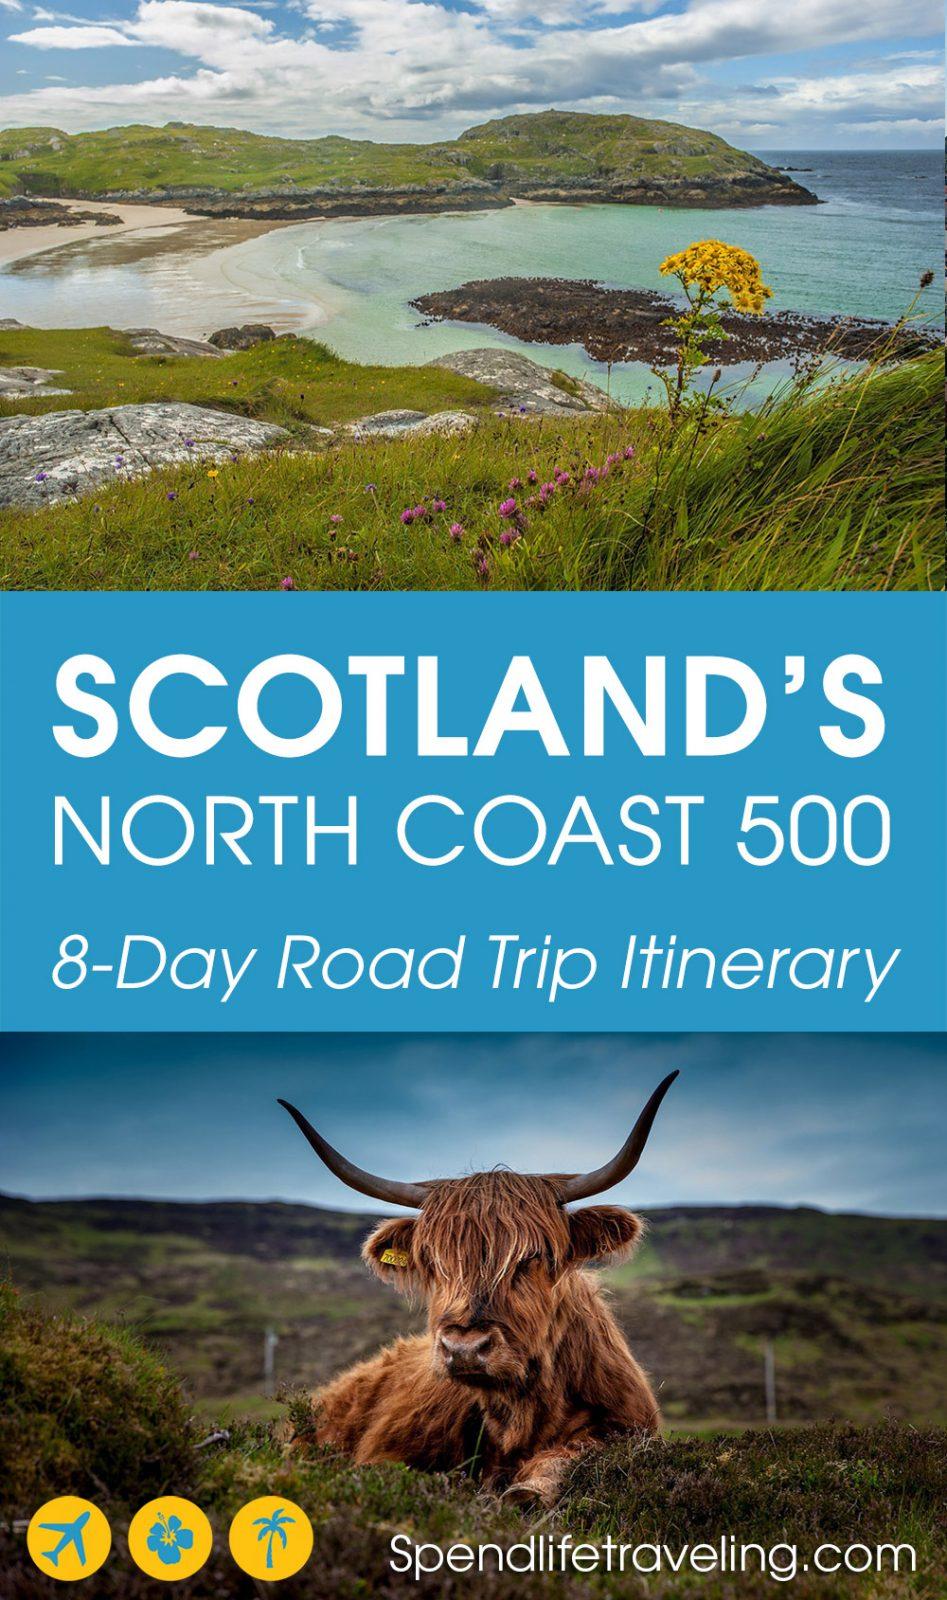 Scotland's North Coast 500 itinerary